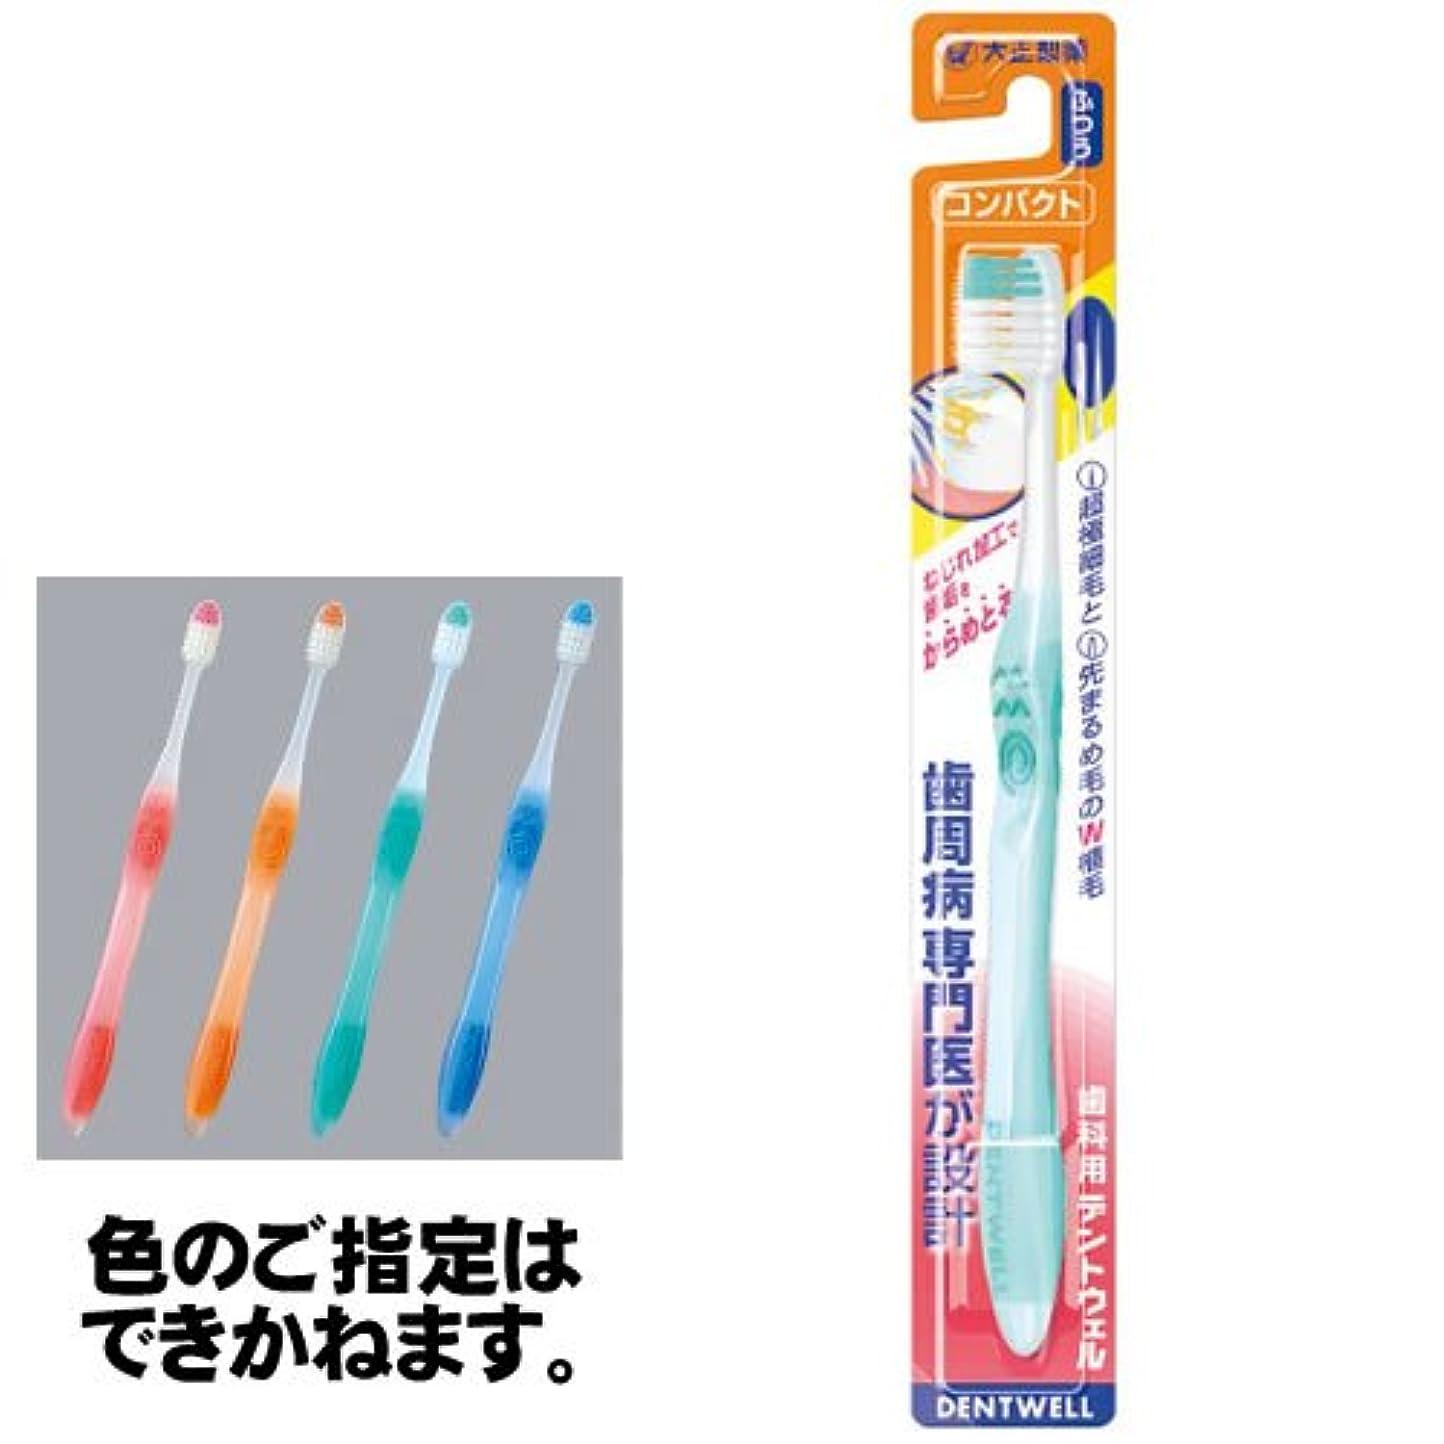 ドナー記念碑的な関与する〔大正製薬〕歯科用デントウェル歯ブラシ コンパクト ふつう×12本セット